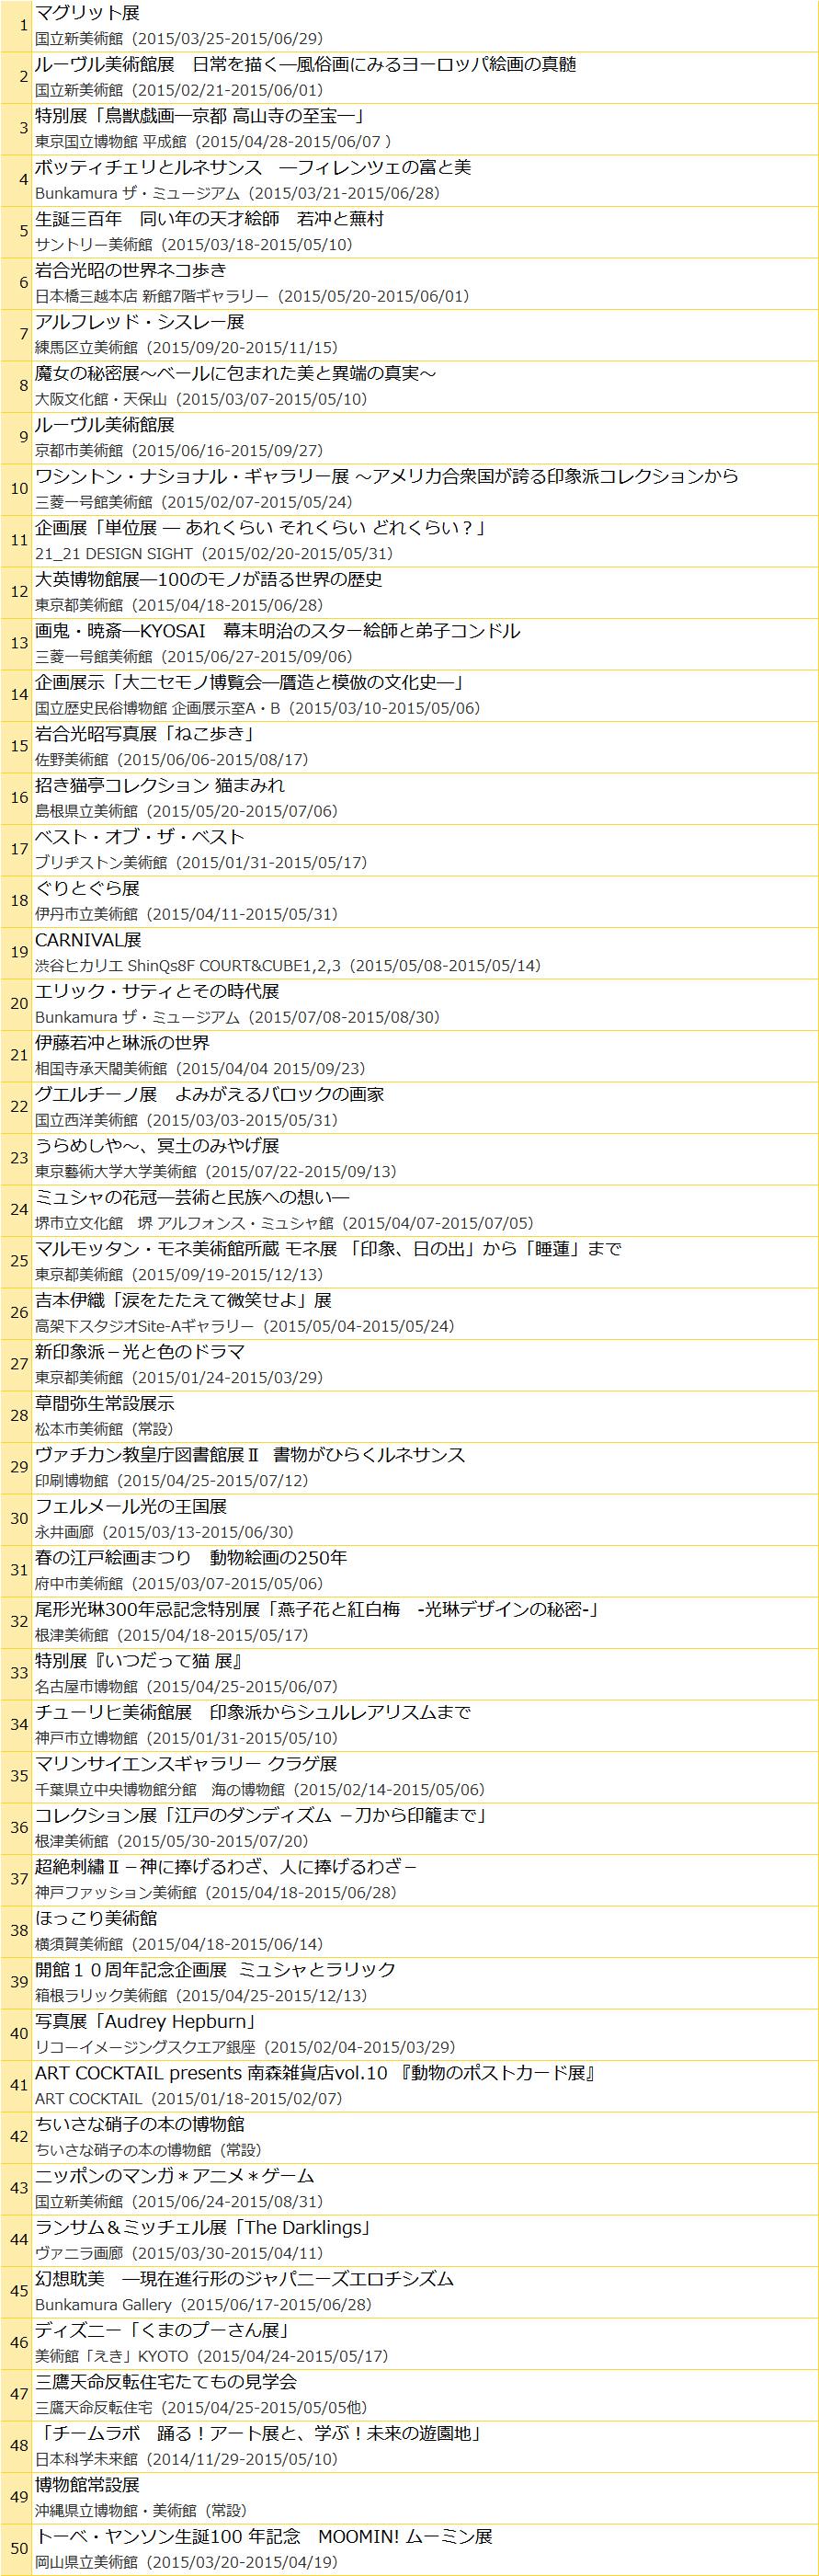 2015上半期「チラシ閲覧数TOP50」 チラシミュージアム運営事務局